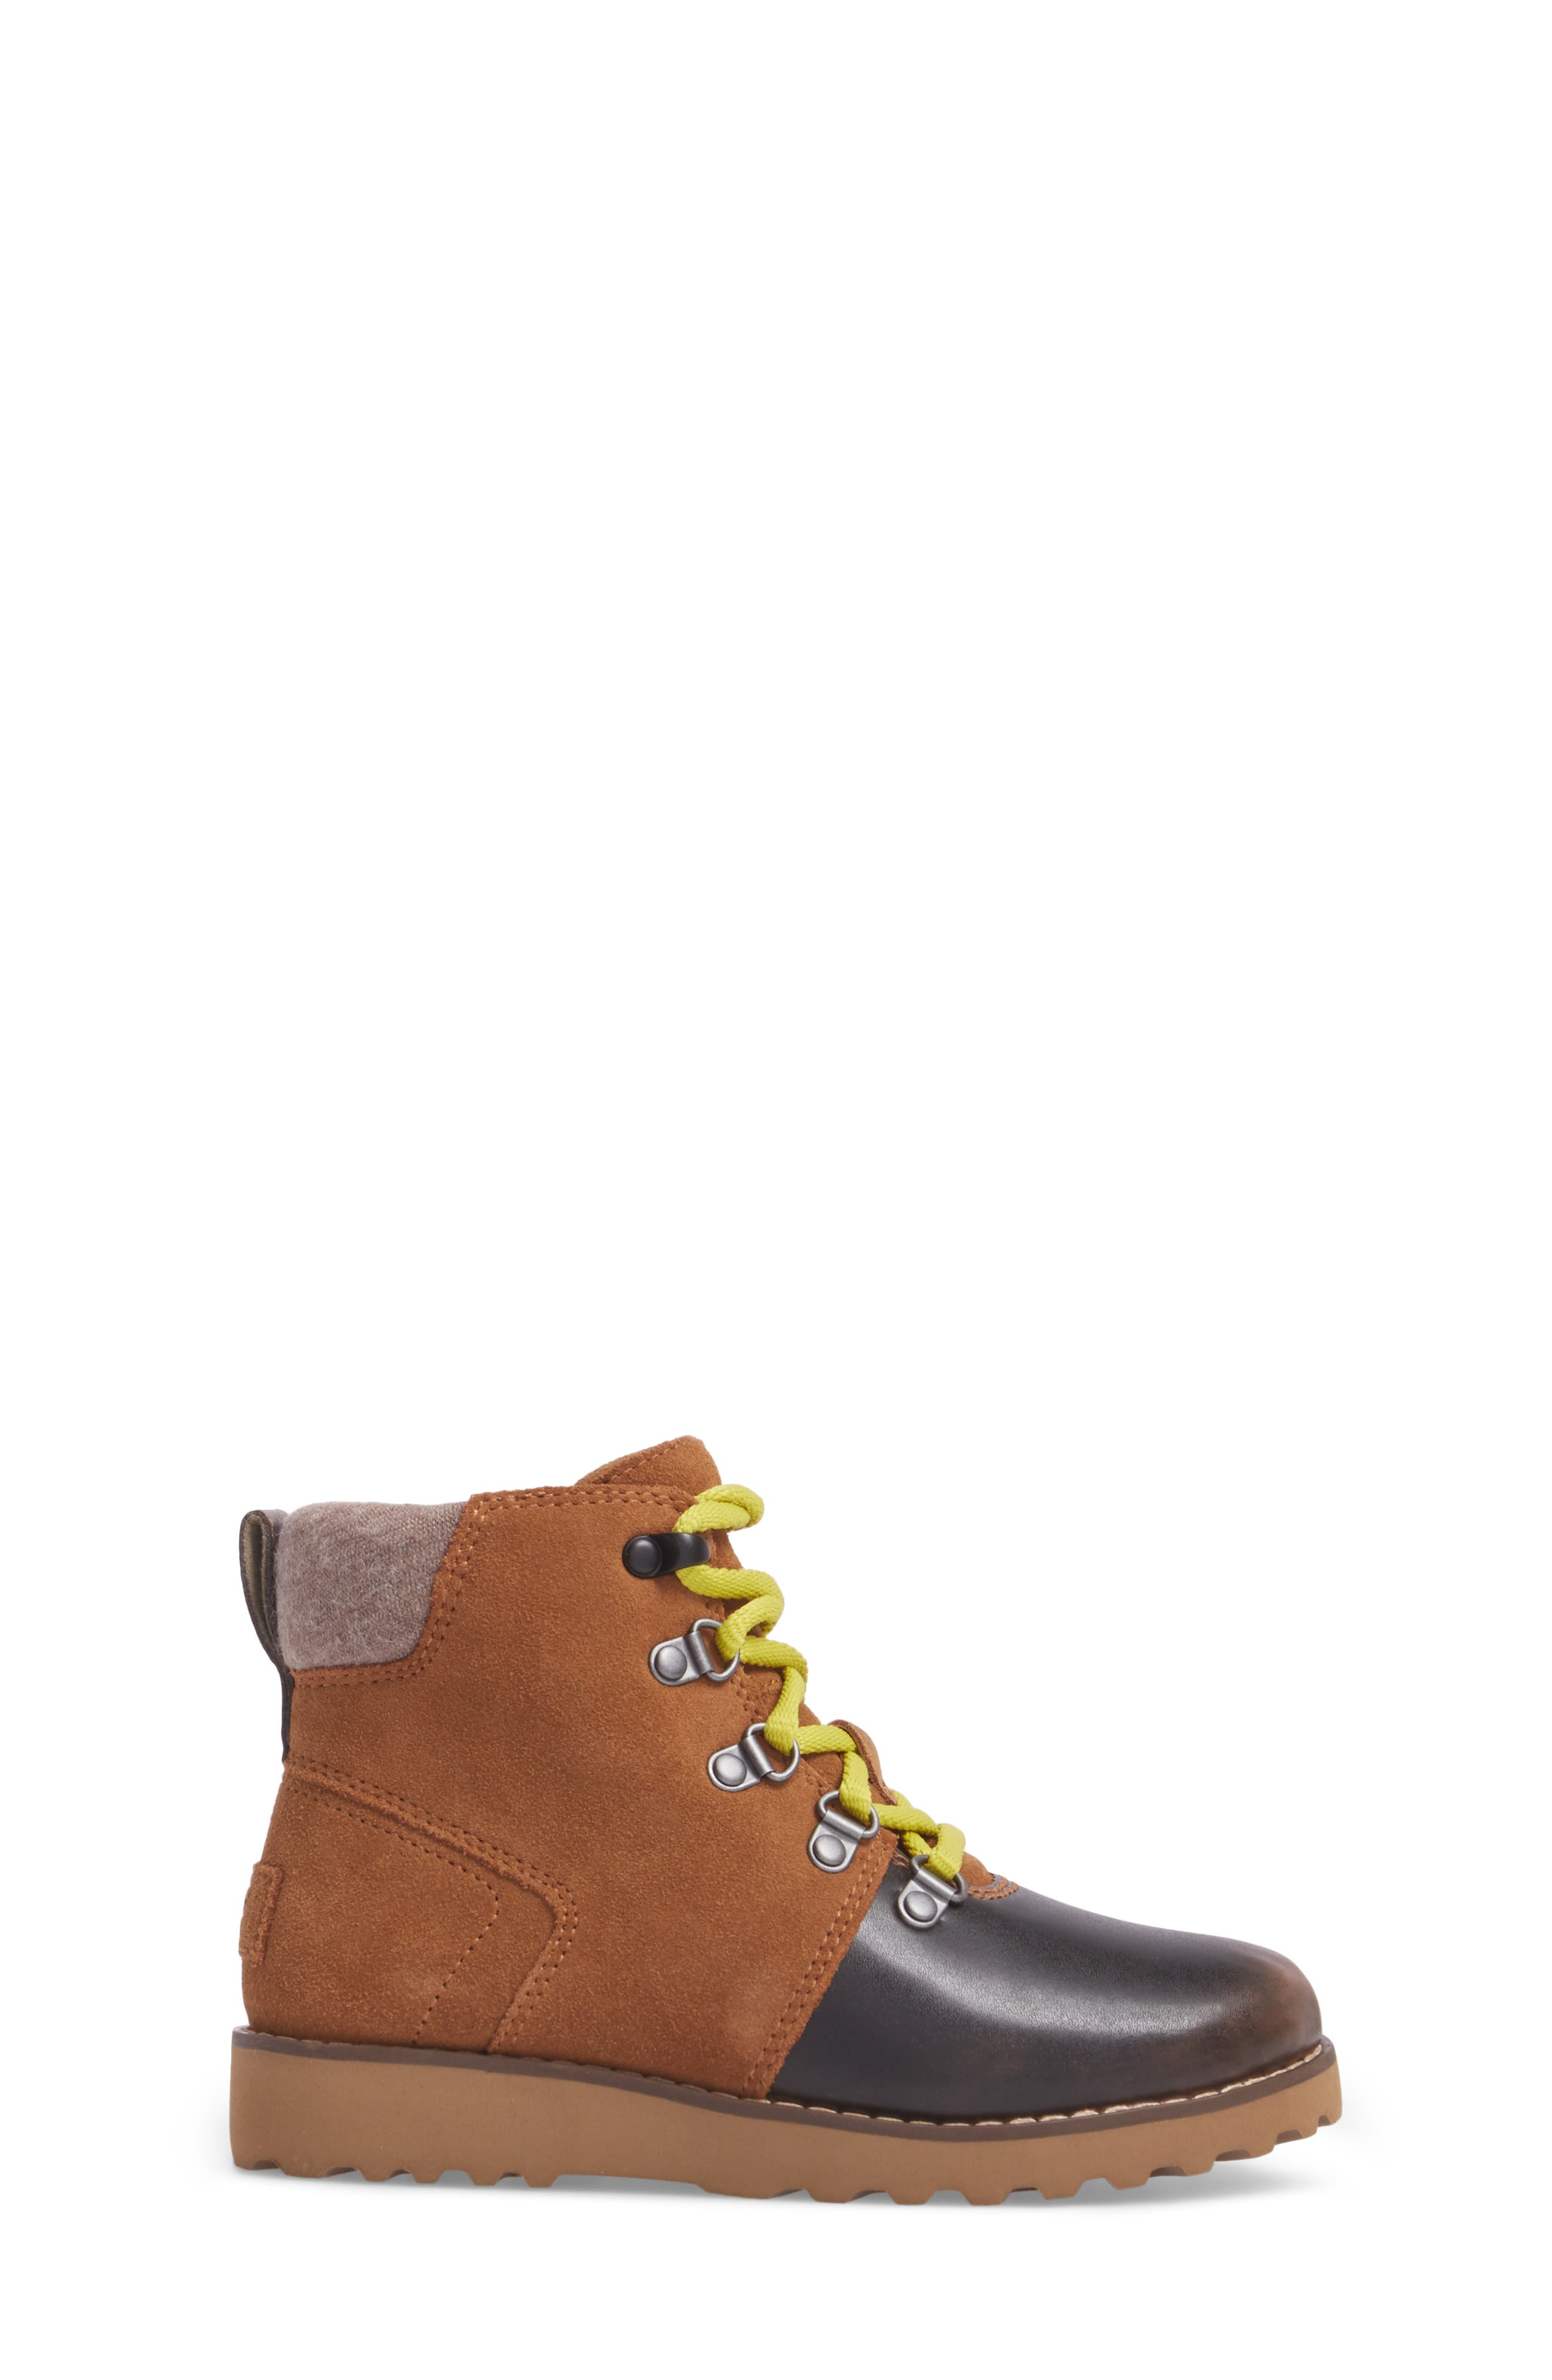 Alternate Image 3  - UGG® Hilmar Waterproof Winter Hiking Boot (Toddler, Little Kid & Big Kid)